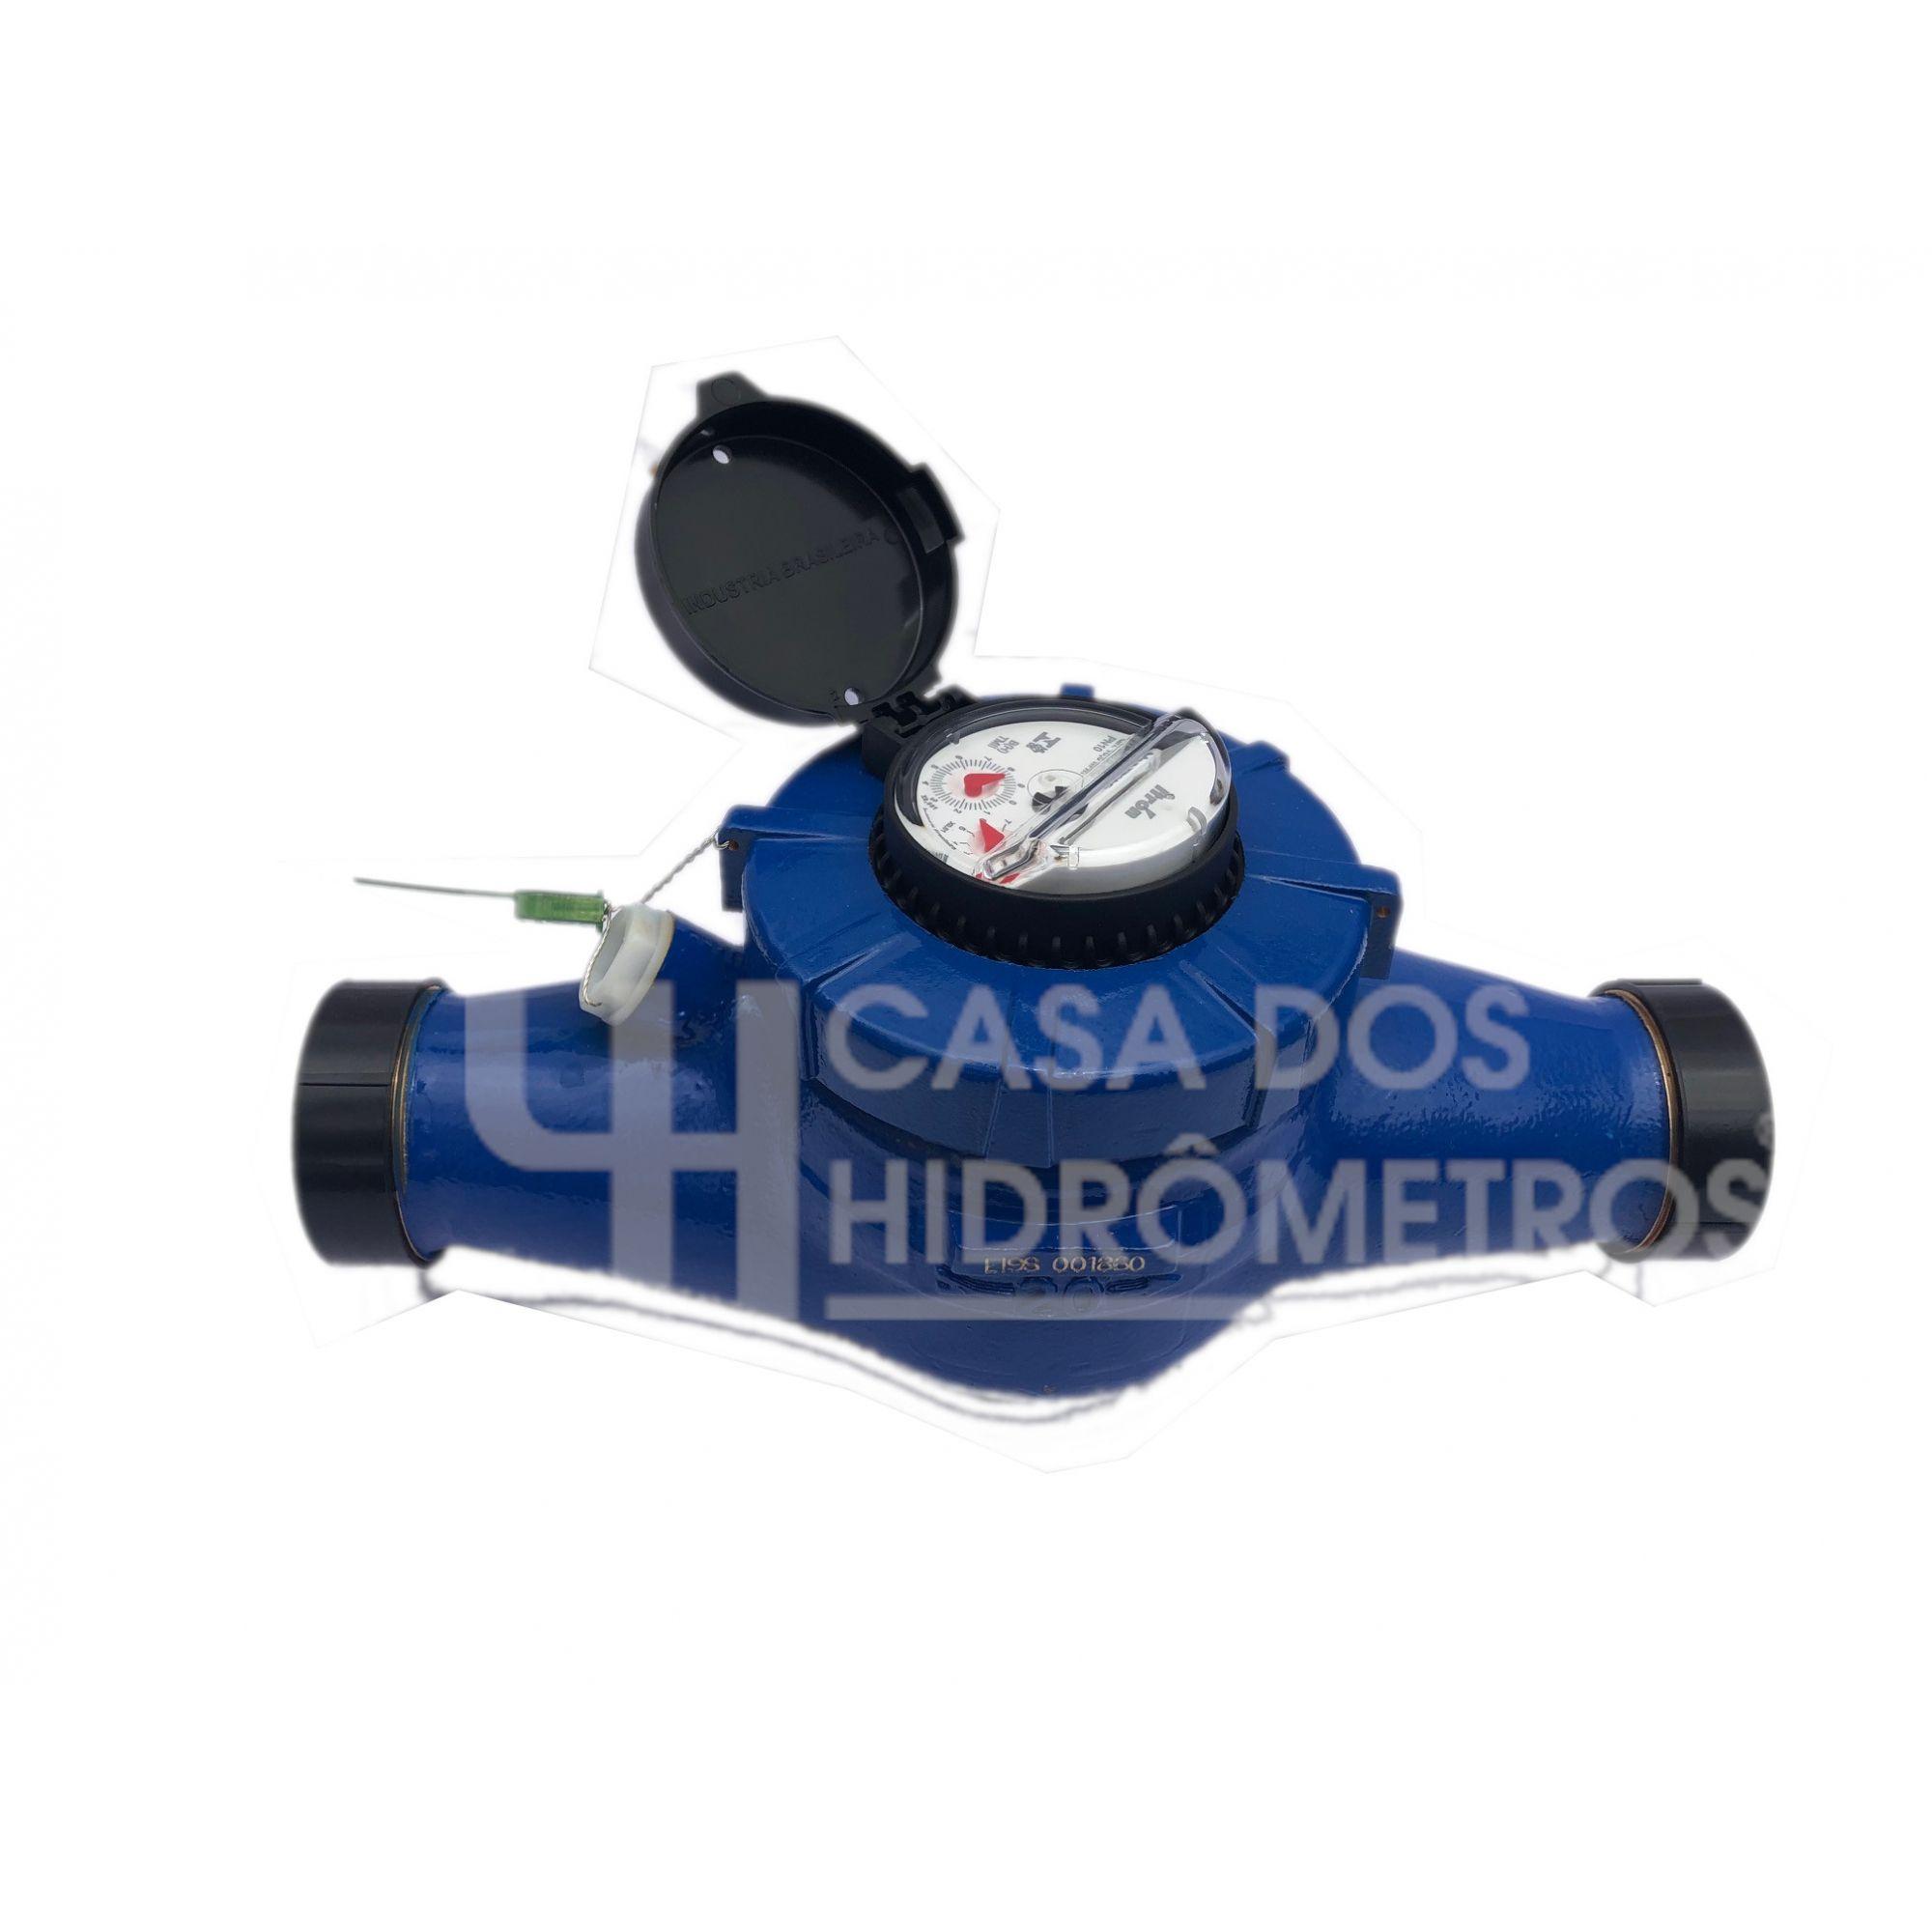 Hidrômetro Multijato 20,0 x 1.1/2